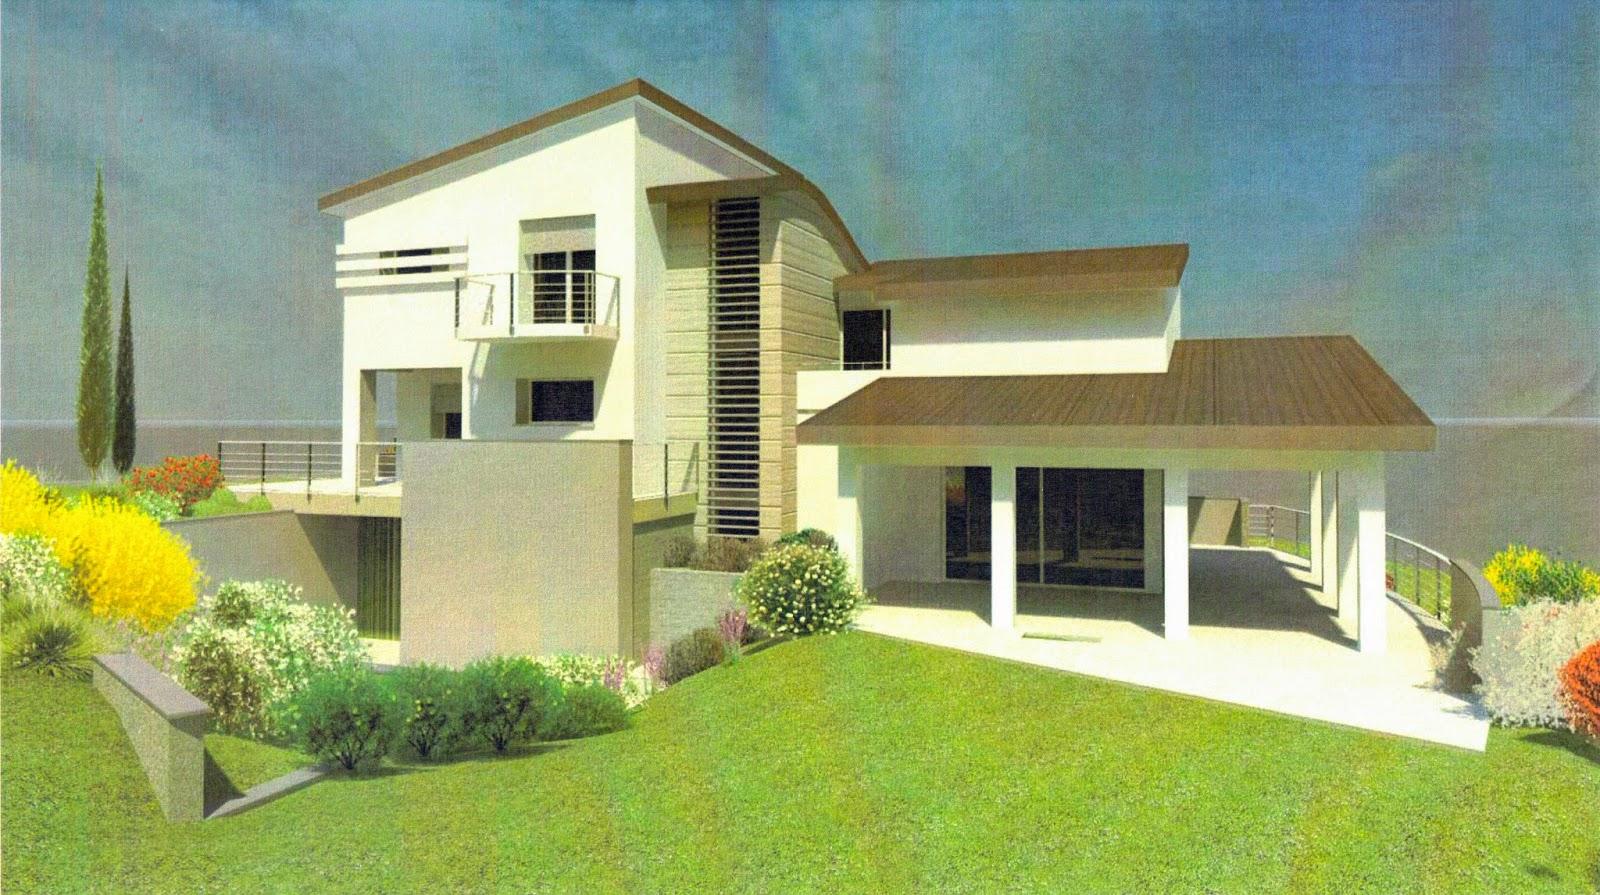 Casa delle ginestre prove di rendering per i colori esterni - Colori case esterni ...